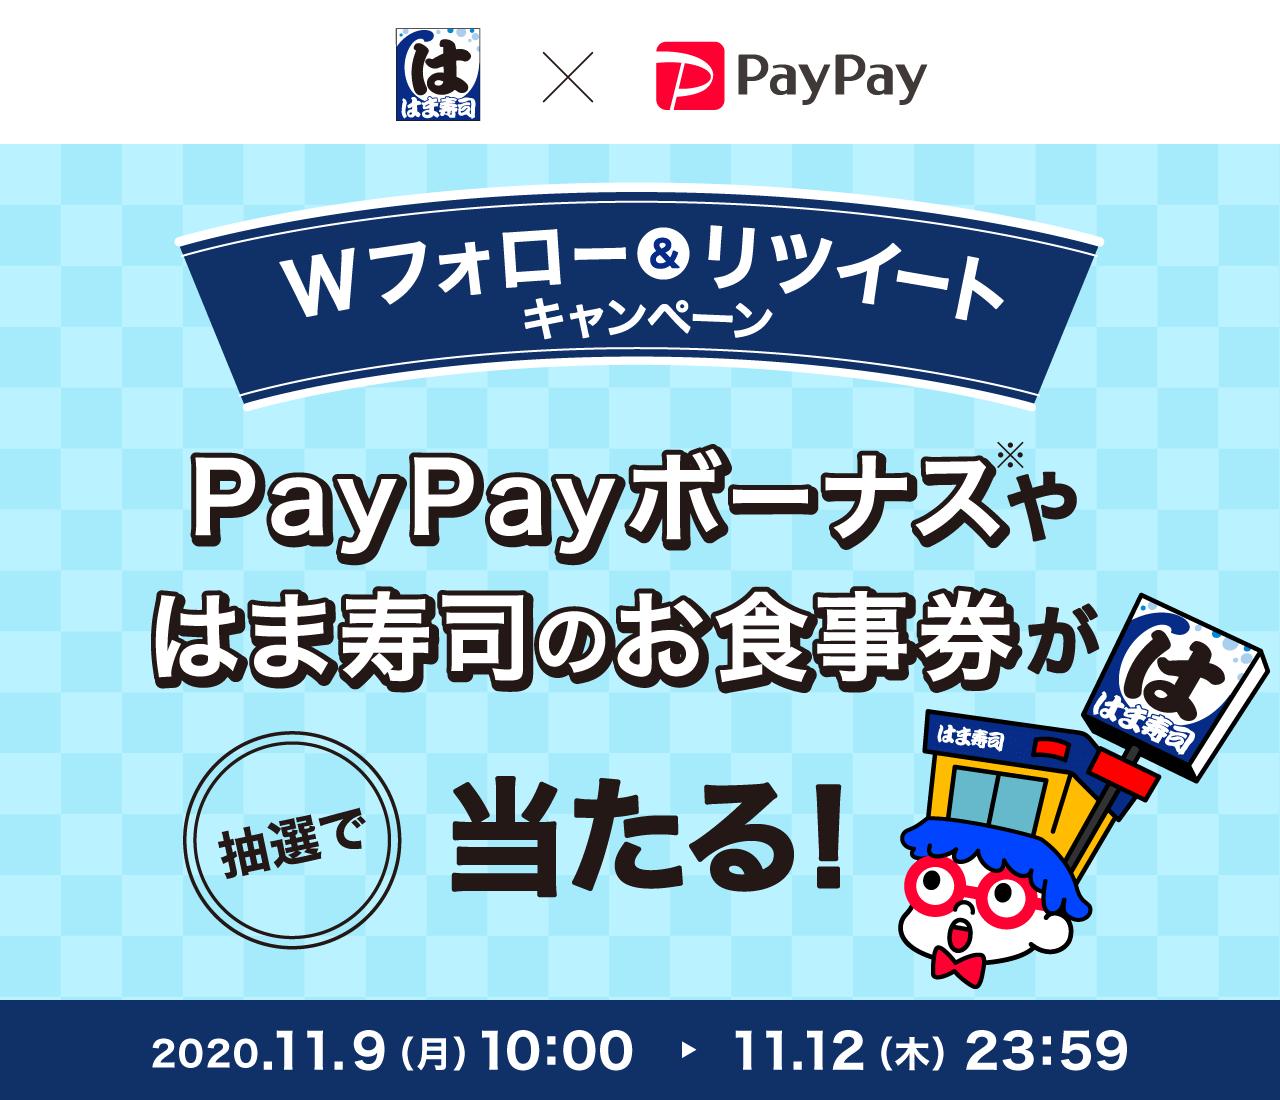 は ま 寿司 paypay 「はま寿司」「なか卯」「ビッグボーイ」で「PayPay」が利用可能に!